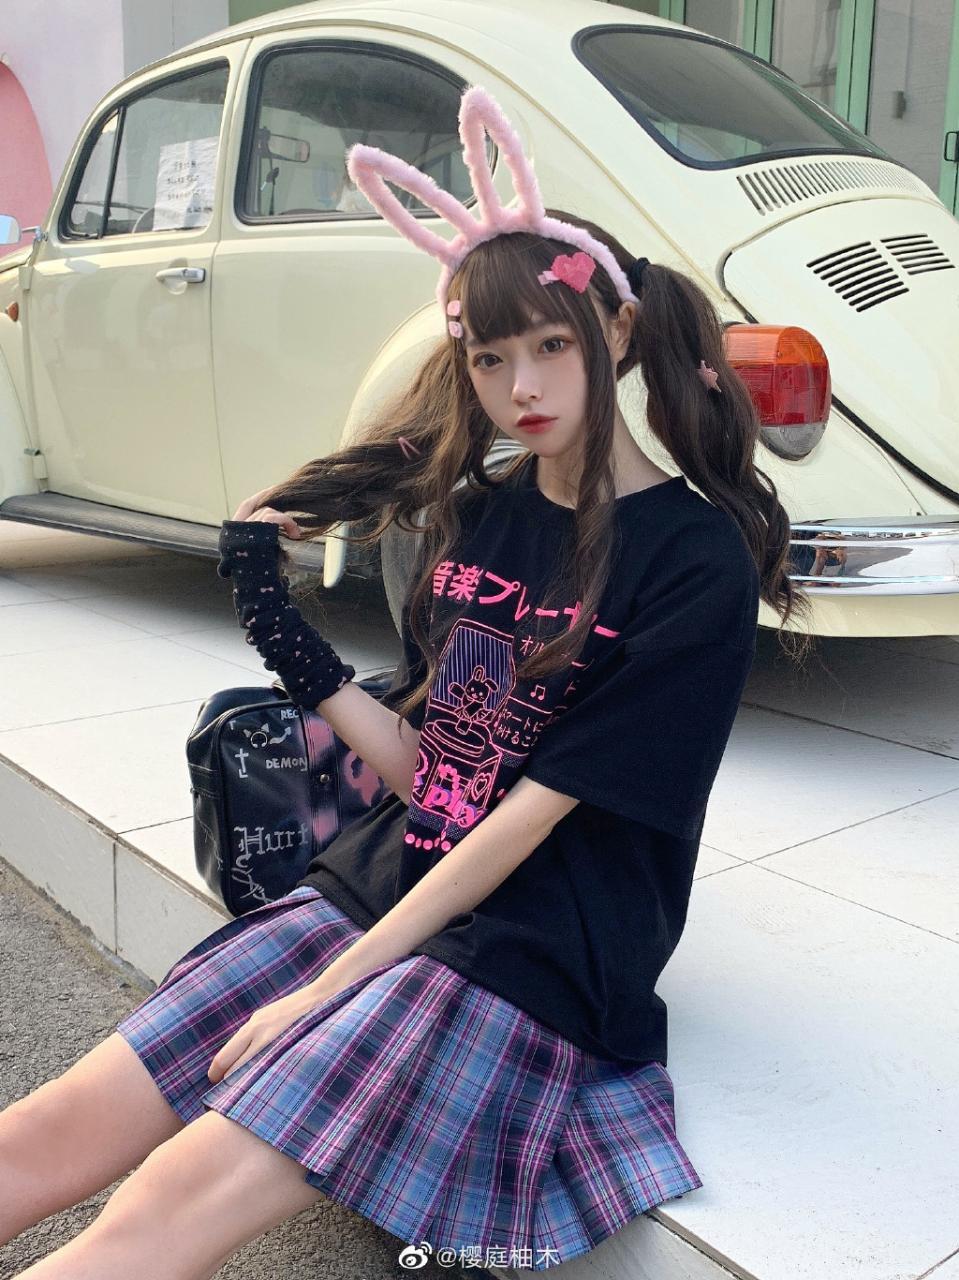 COS妹子推荐@樱庭柚木 JK少女制服驾驭着 附美图合集[1254P/3.24G]